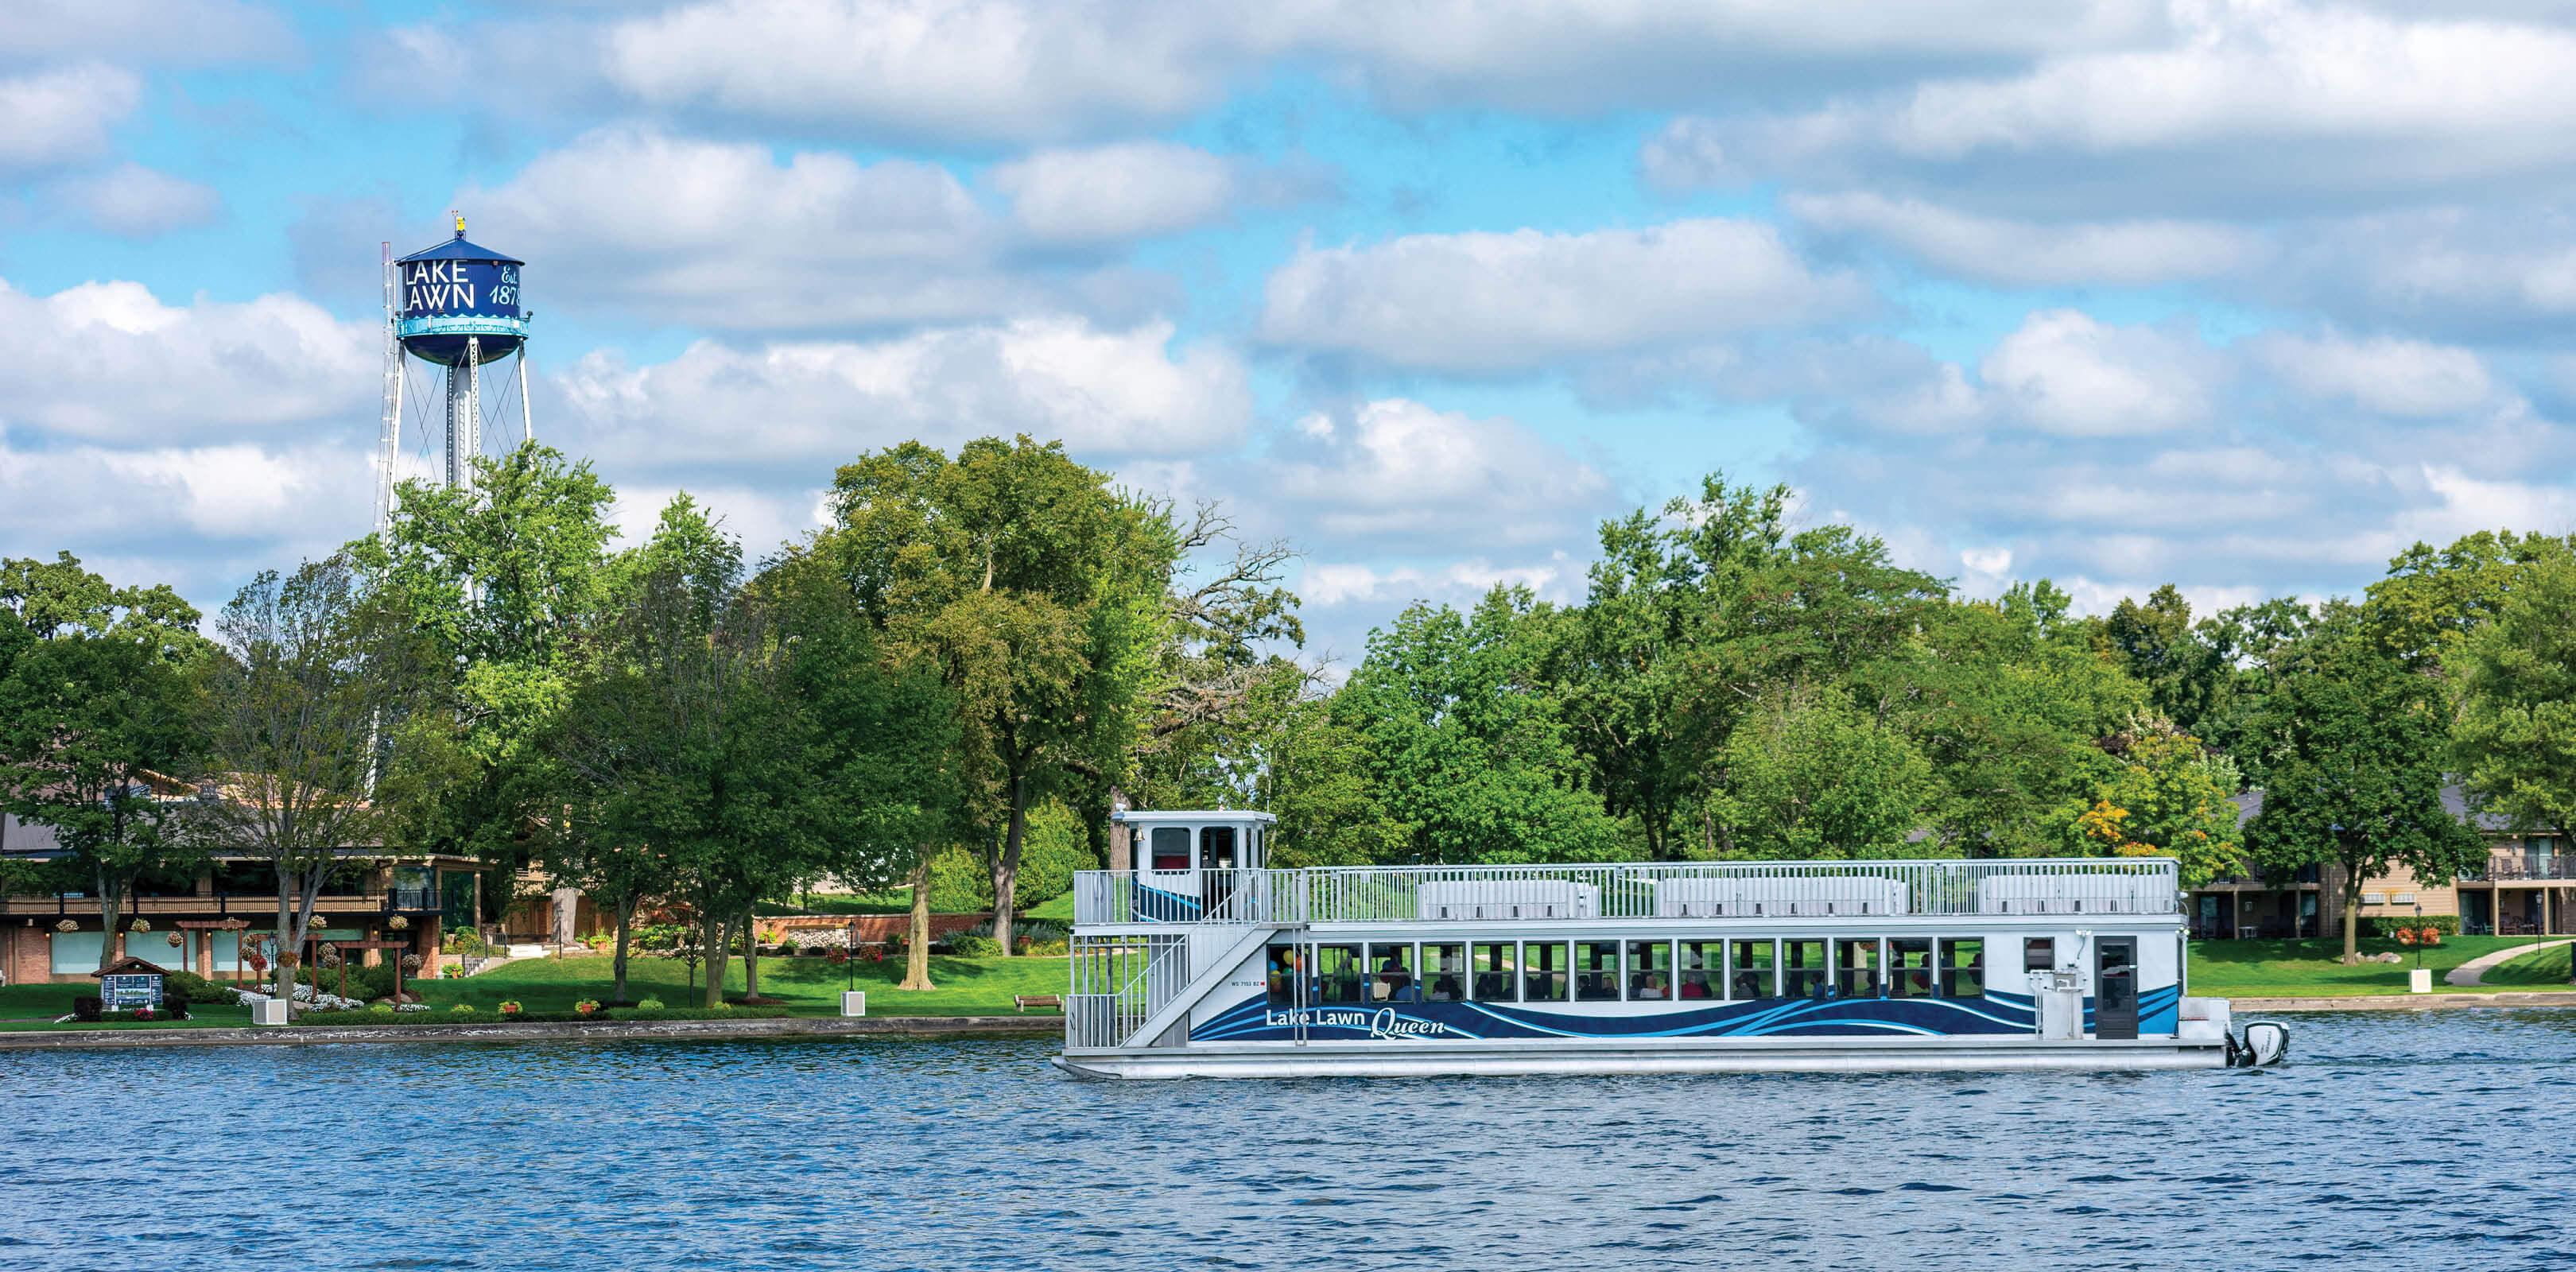 Lake Lawn Queen Tour Boat on Lake Lawn Shoreline